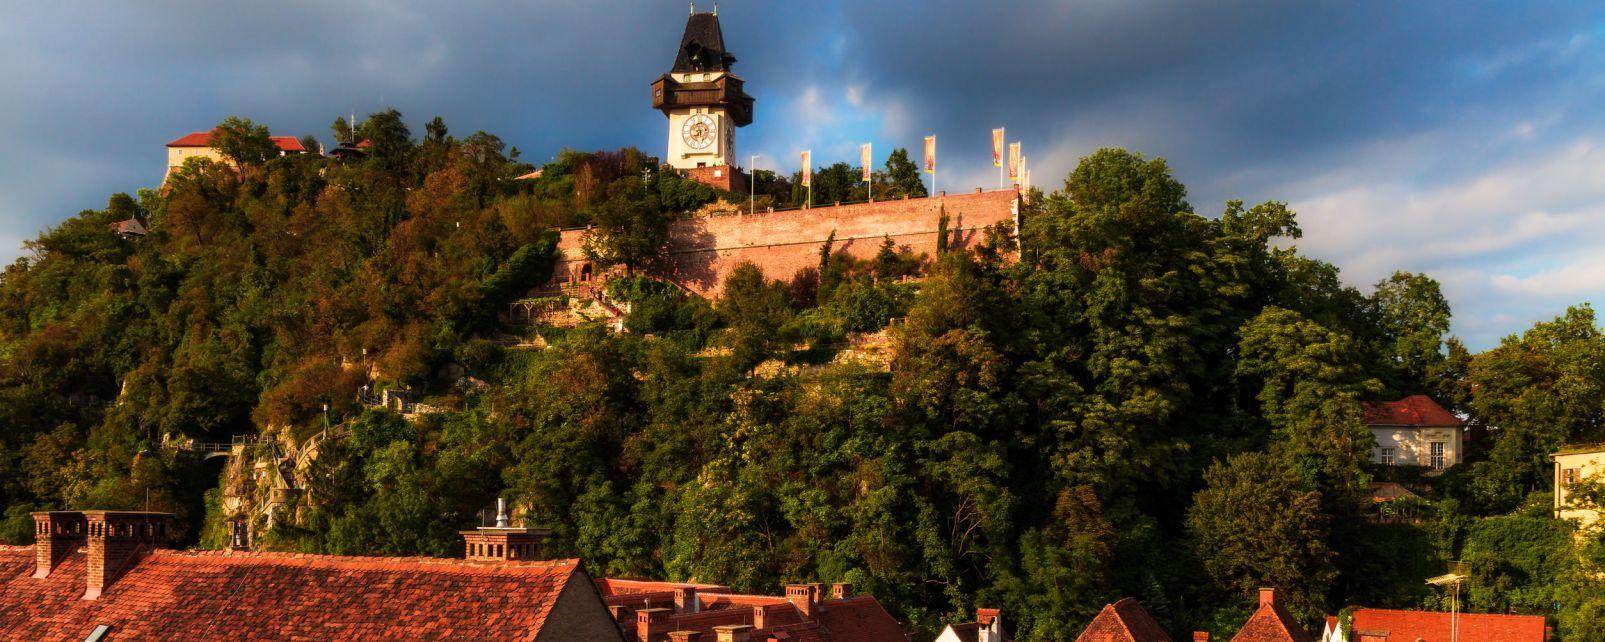 Les arts et la culture, graz, autriche, europe, vieille ville, histoire, tour de l'horloge, horloge, schlossberg.